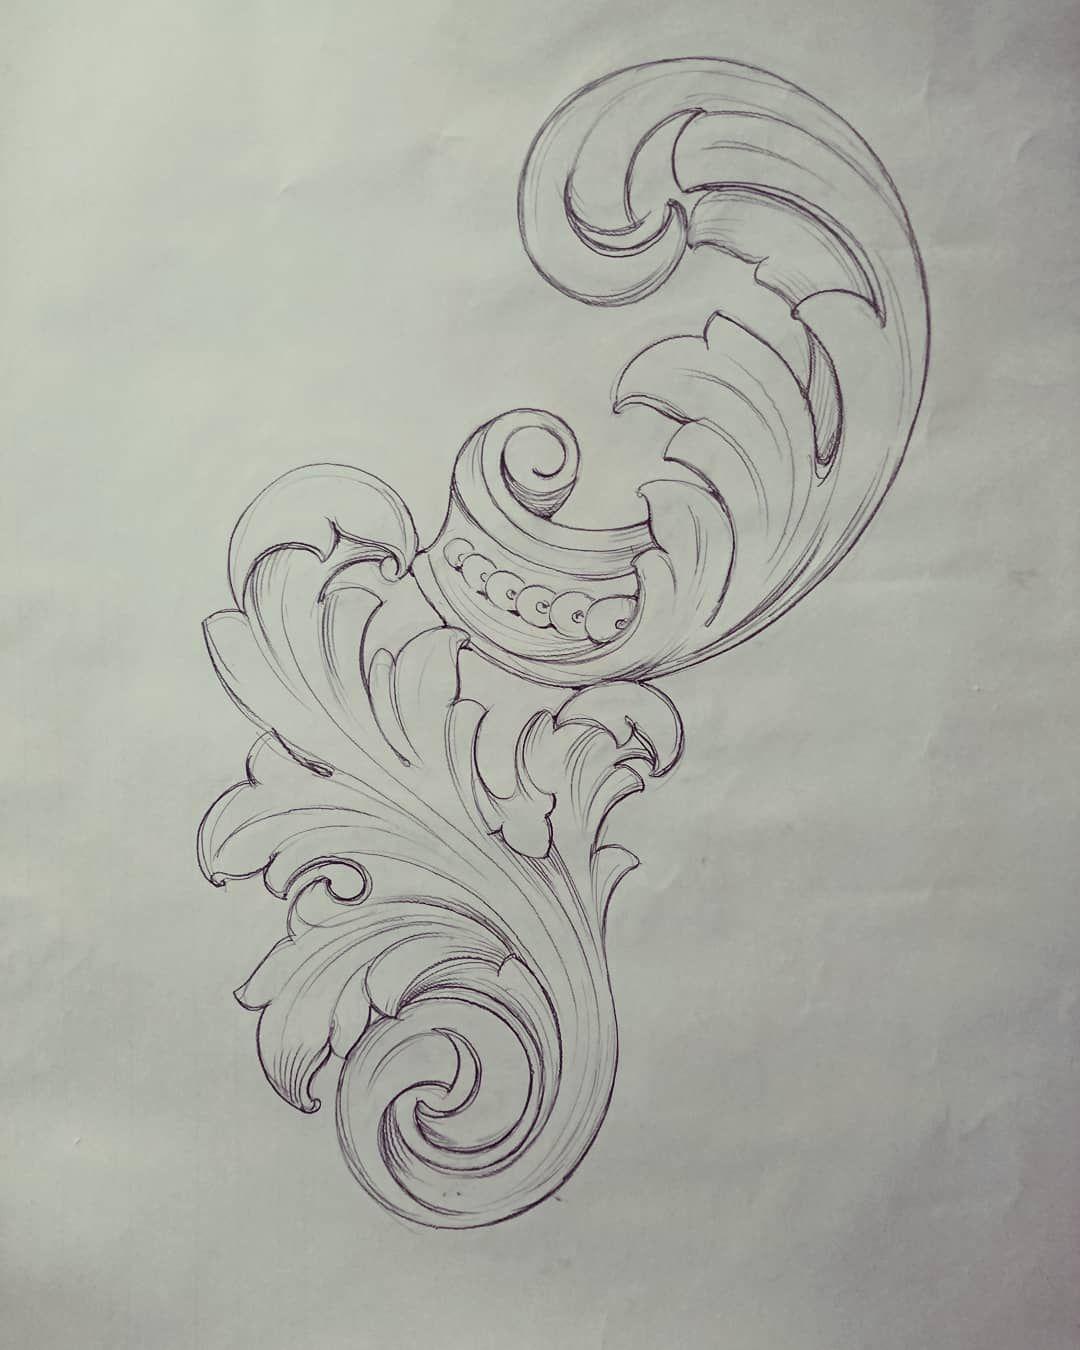 Auf Barock Bleistift Instagram Sergey Sevostyanov Skizzen Bleistift Auf Barock Bleistift Instagram Sergey Zeichenkunst Kunst Filigrane Tatowierung